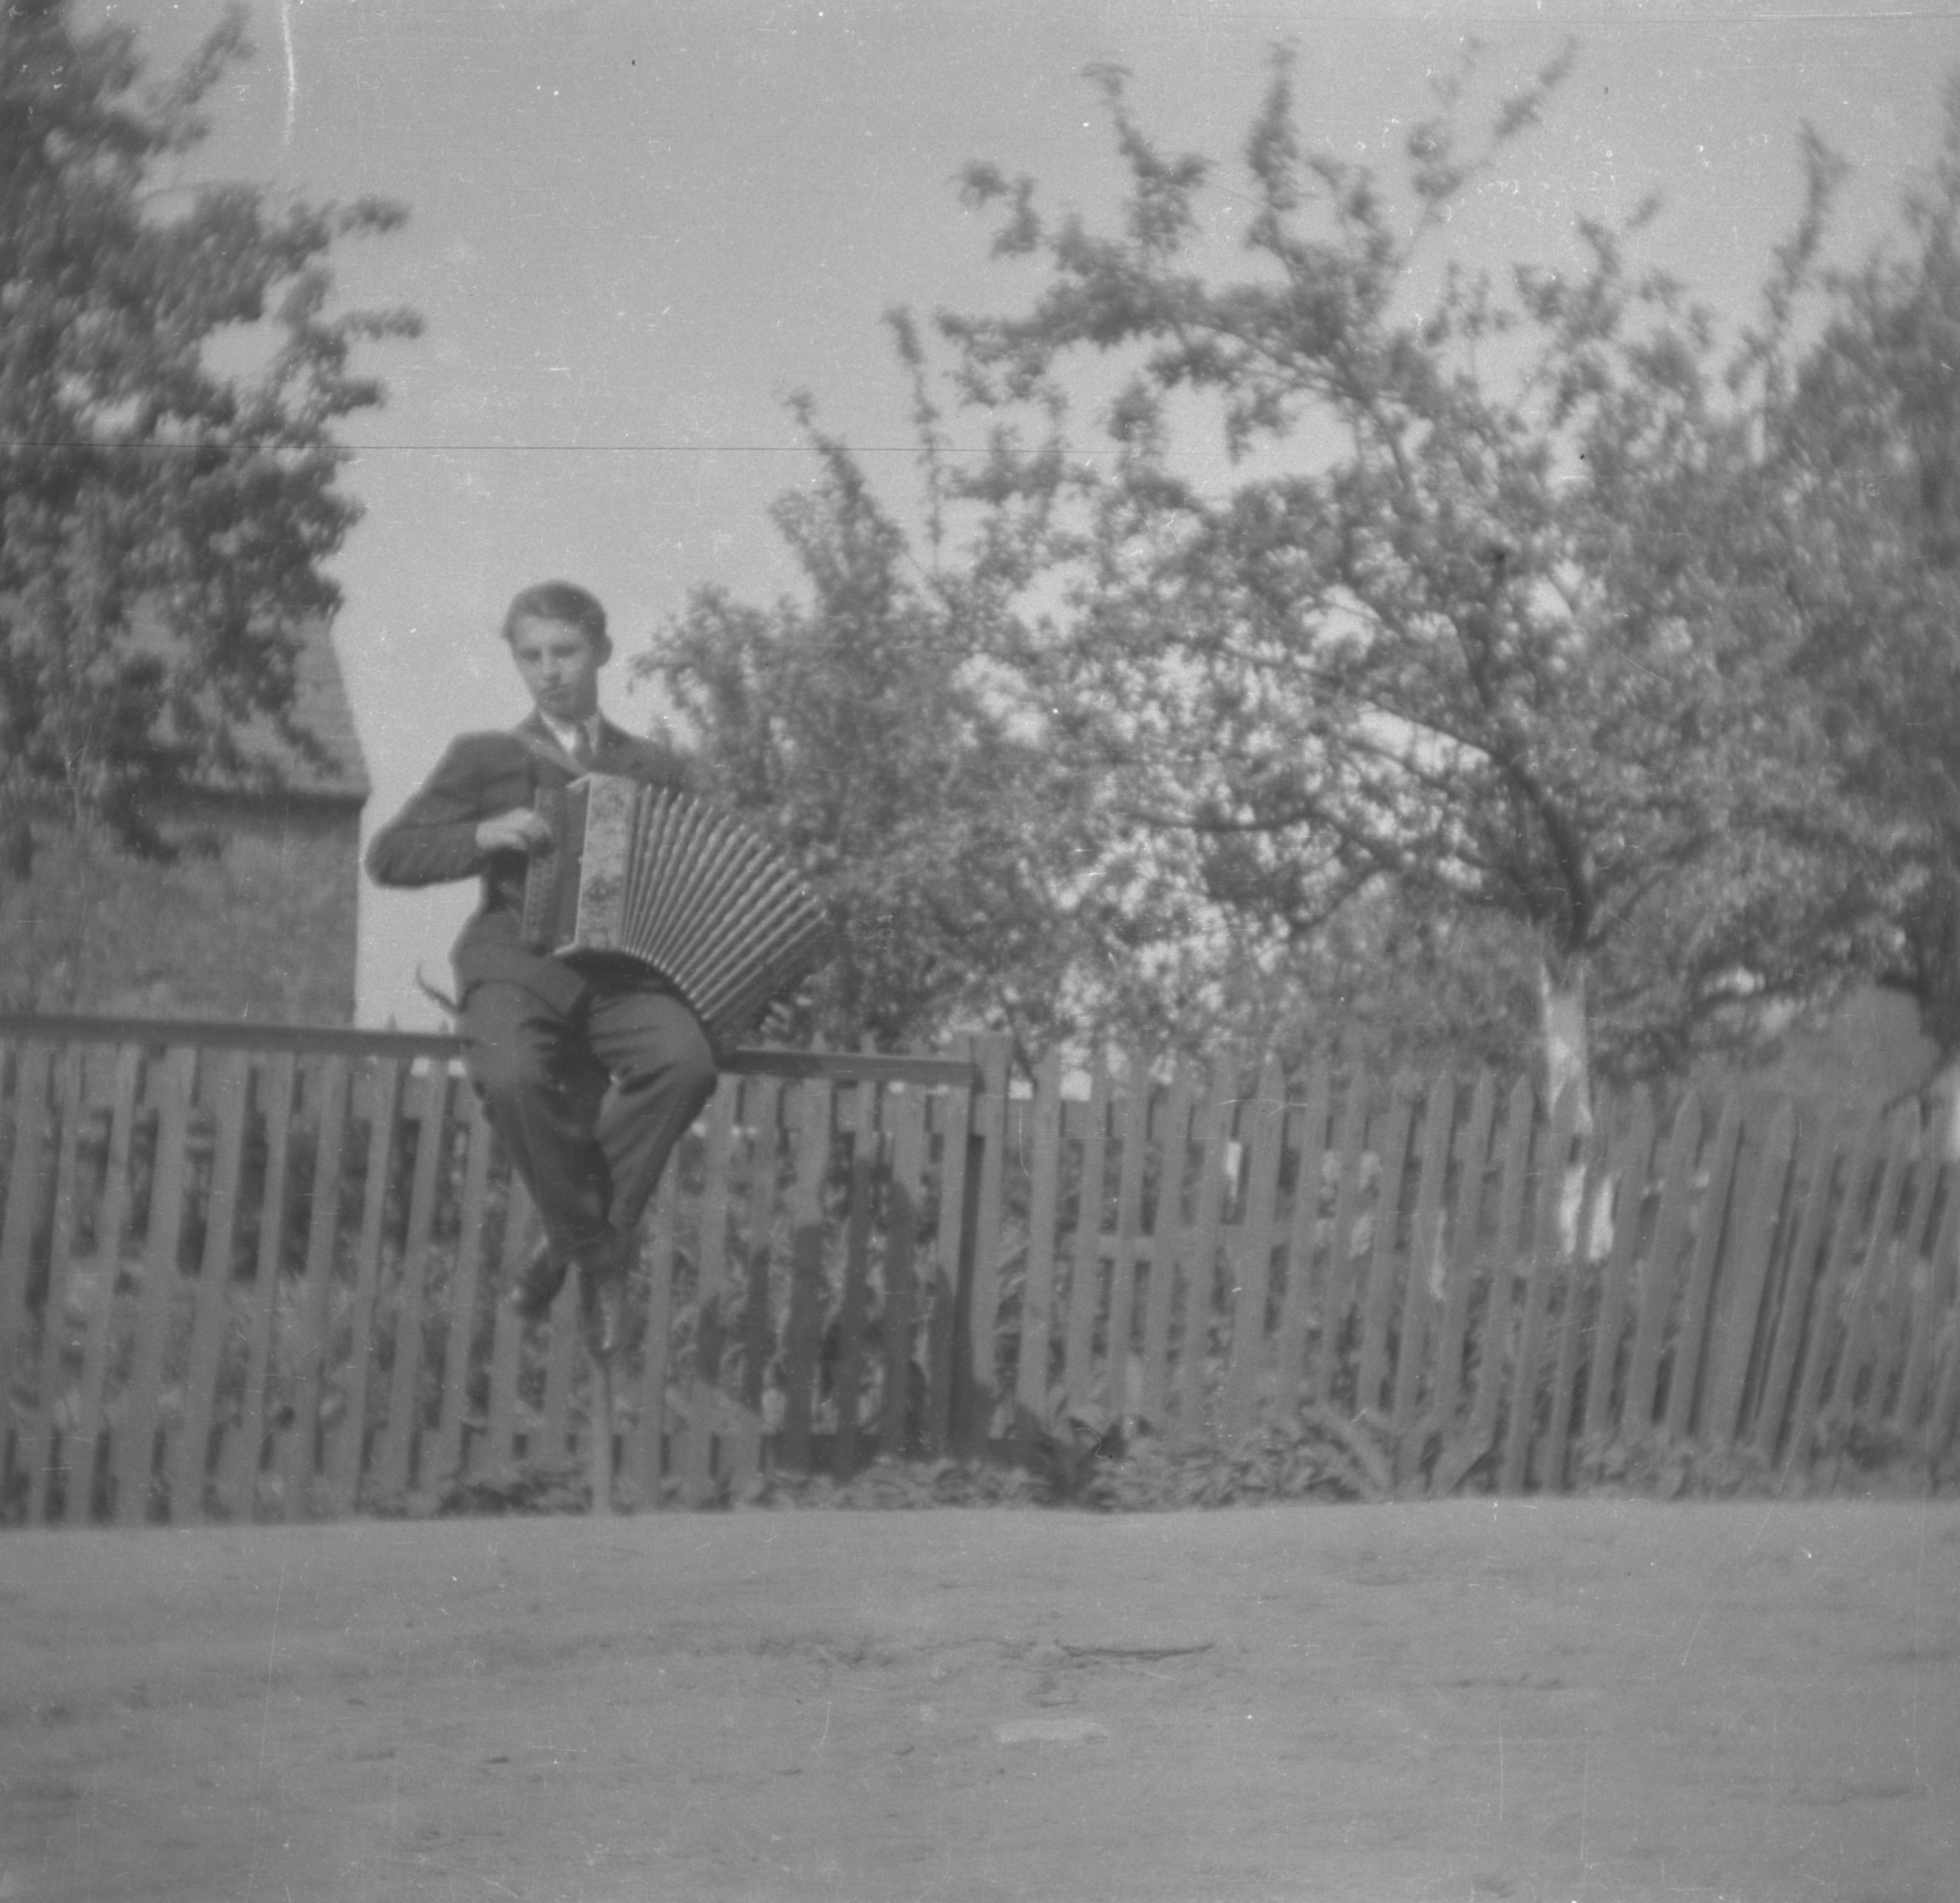 Akordeonista siedzący na płocie, Dolny Śląsk, 2. poł. XX w.